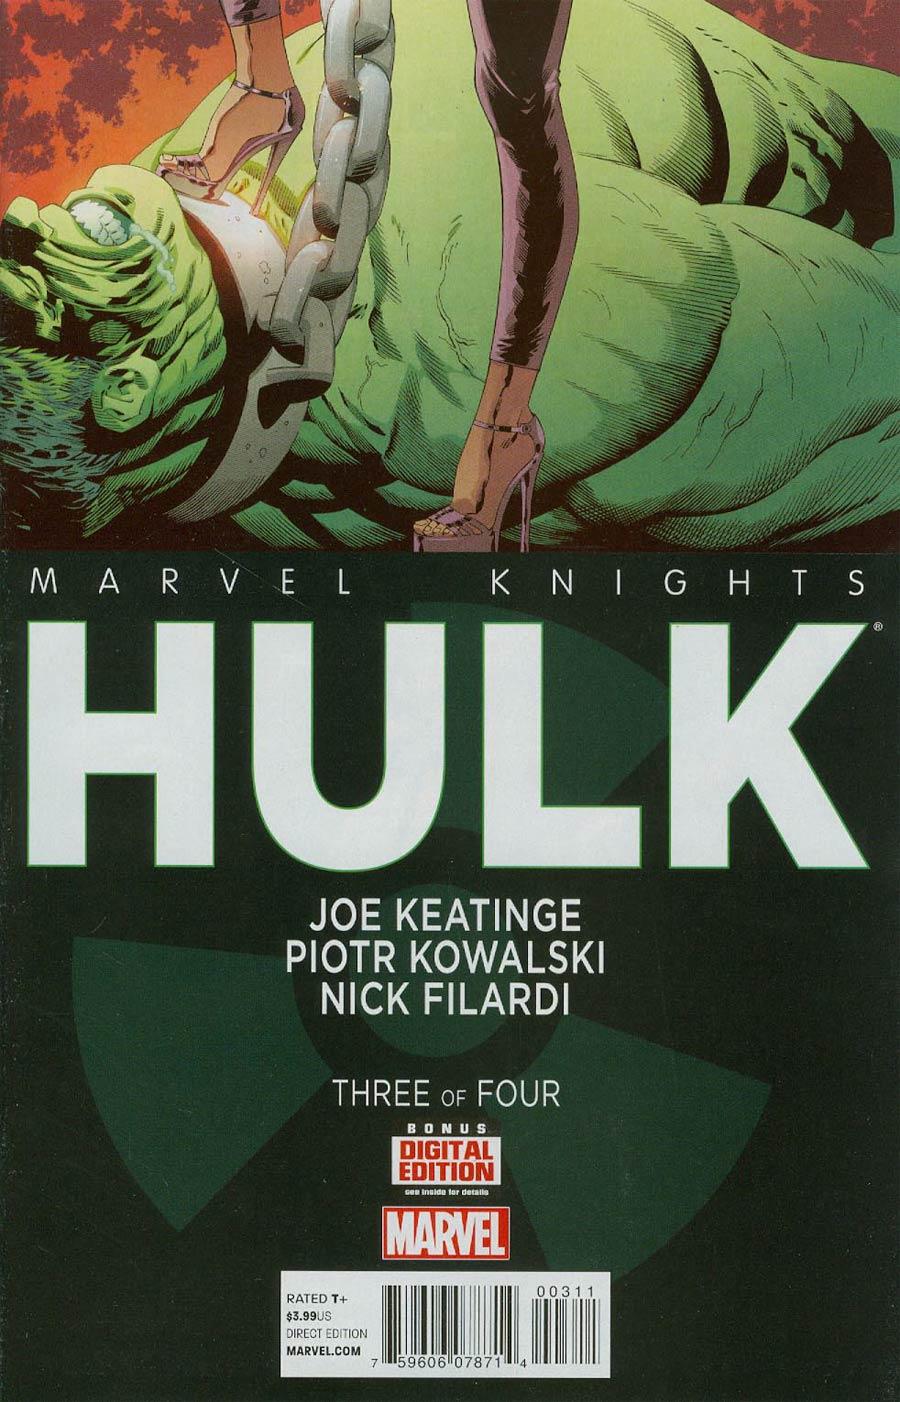 Marvel Knights Hulk #3